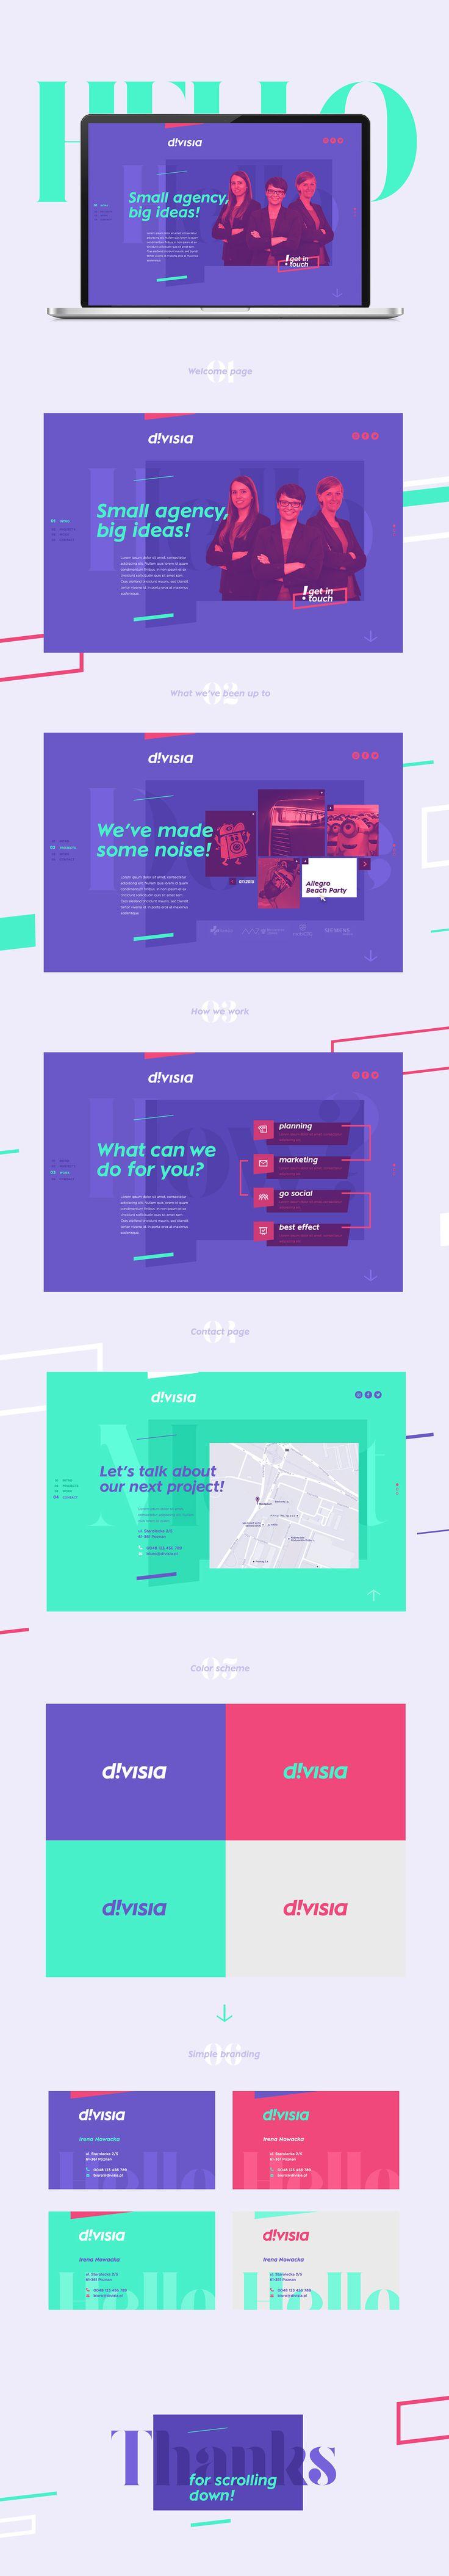 D!visia event agency | webdesign & branding on Behance